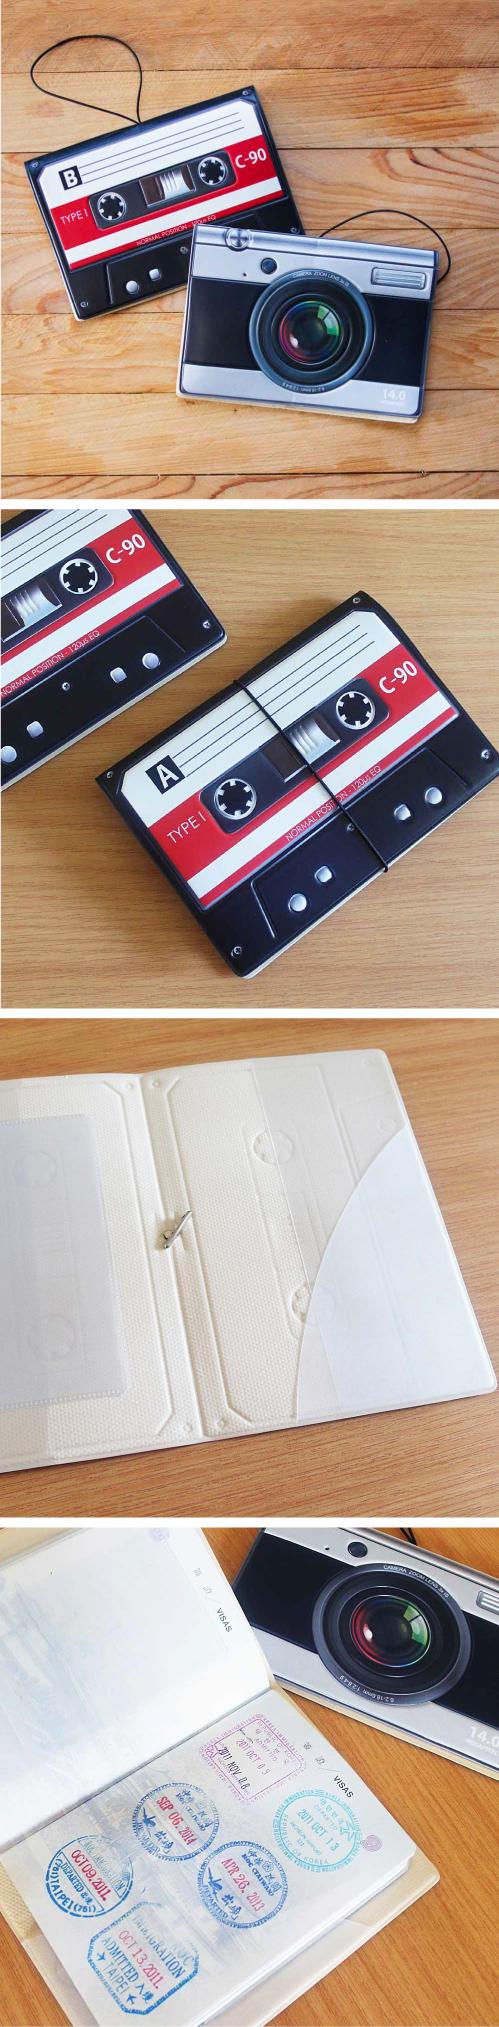 HeadphoneDog|錄音帶相機造型護照證件夾